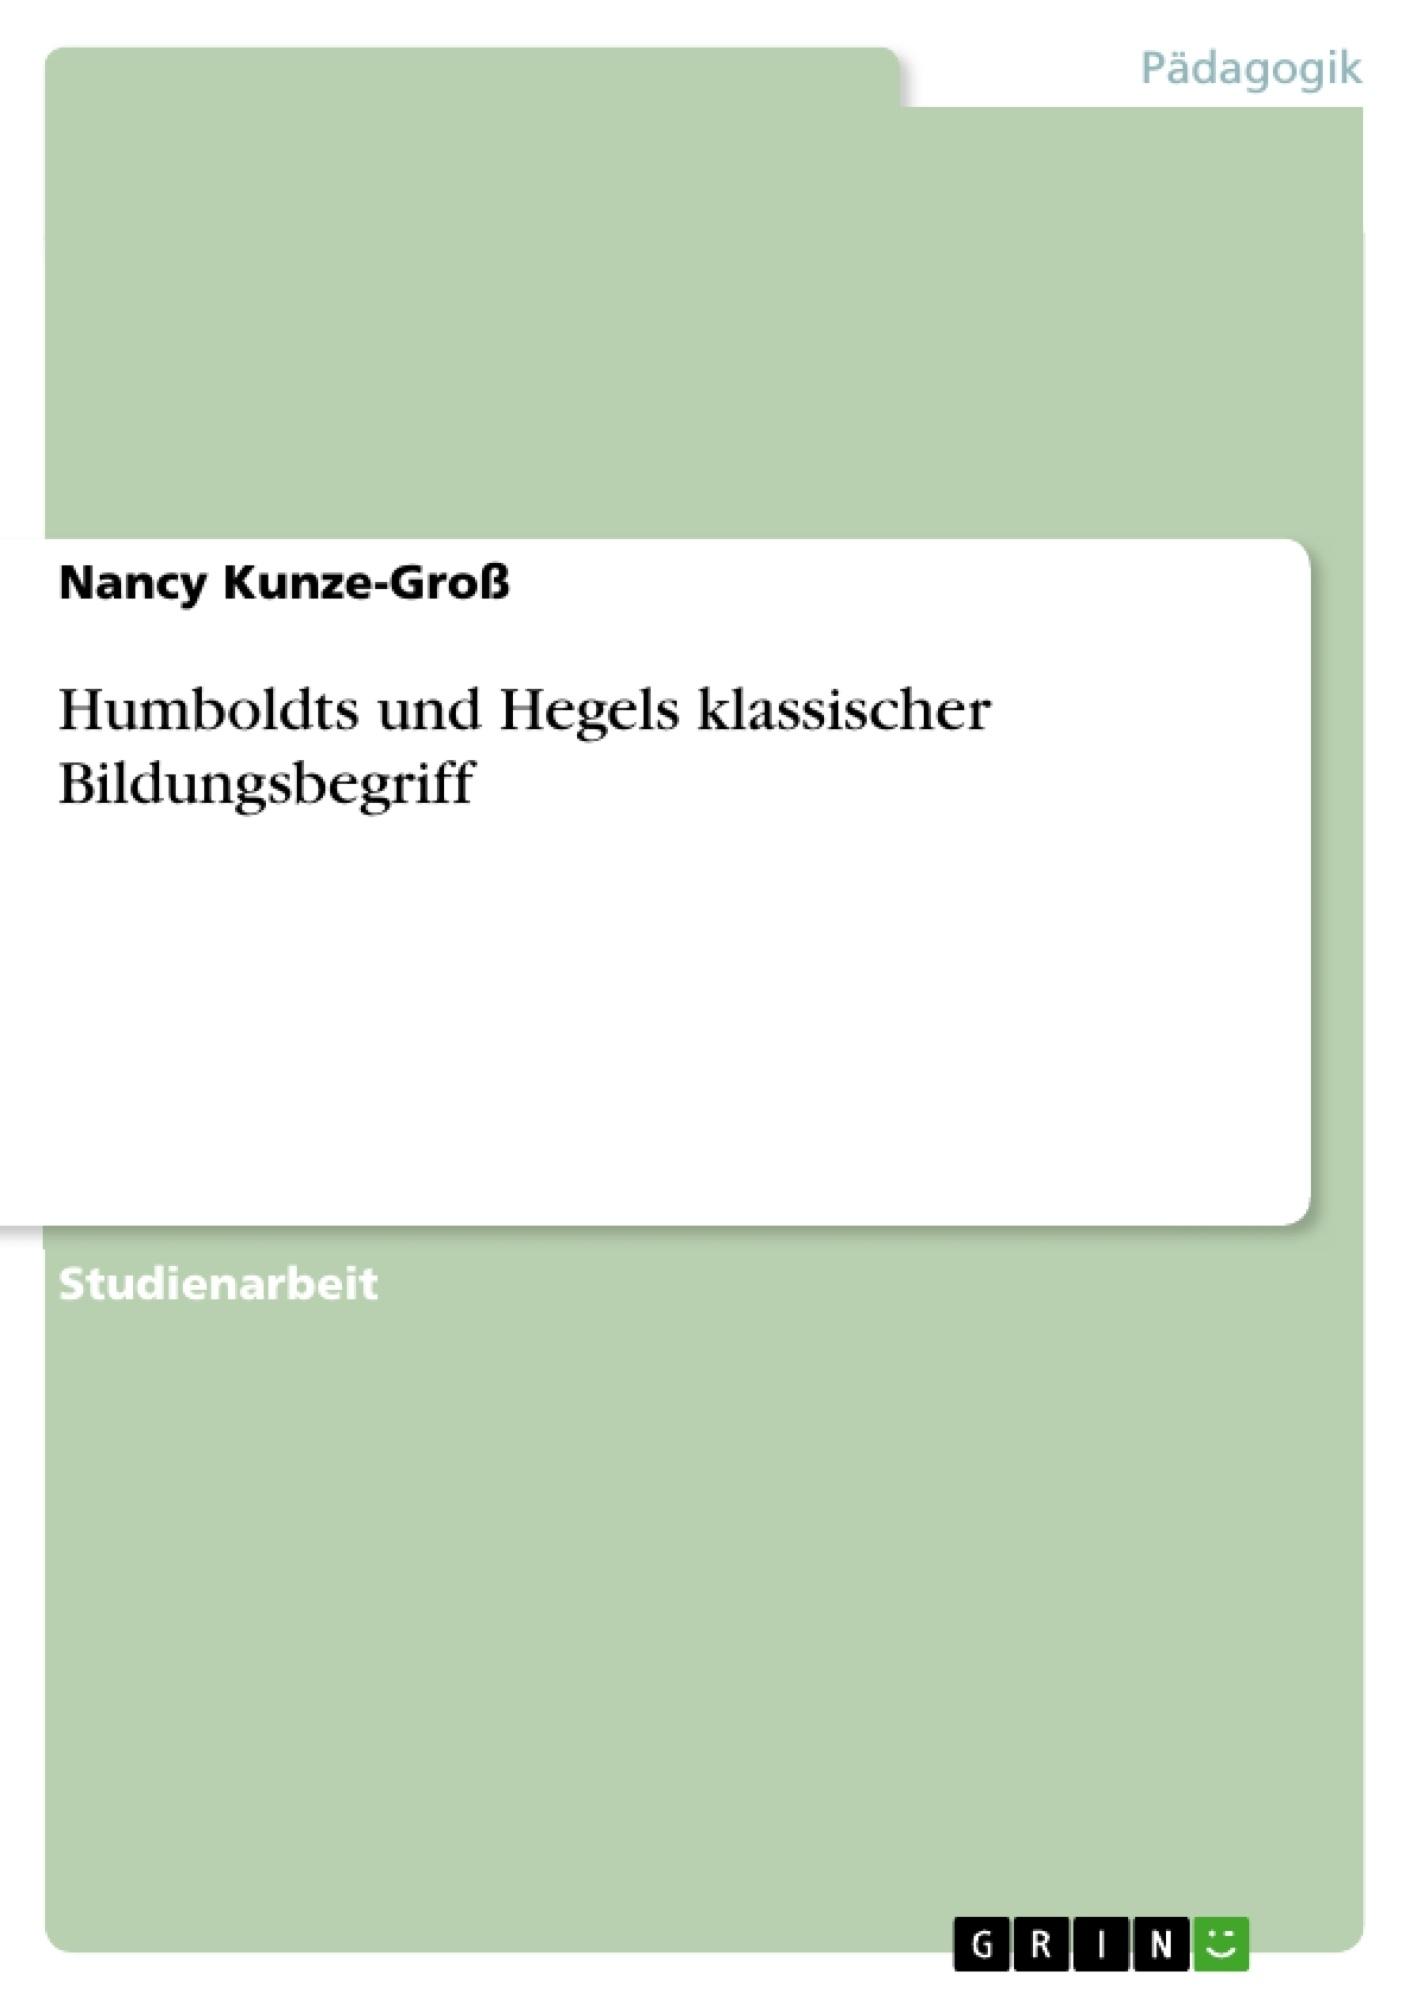 Titel: Humboldts und Hegels klassischer Bildungsbegriff